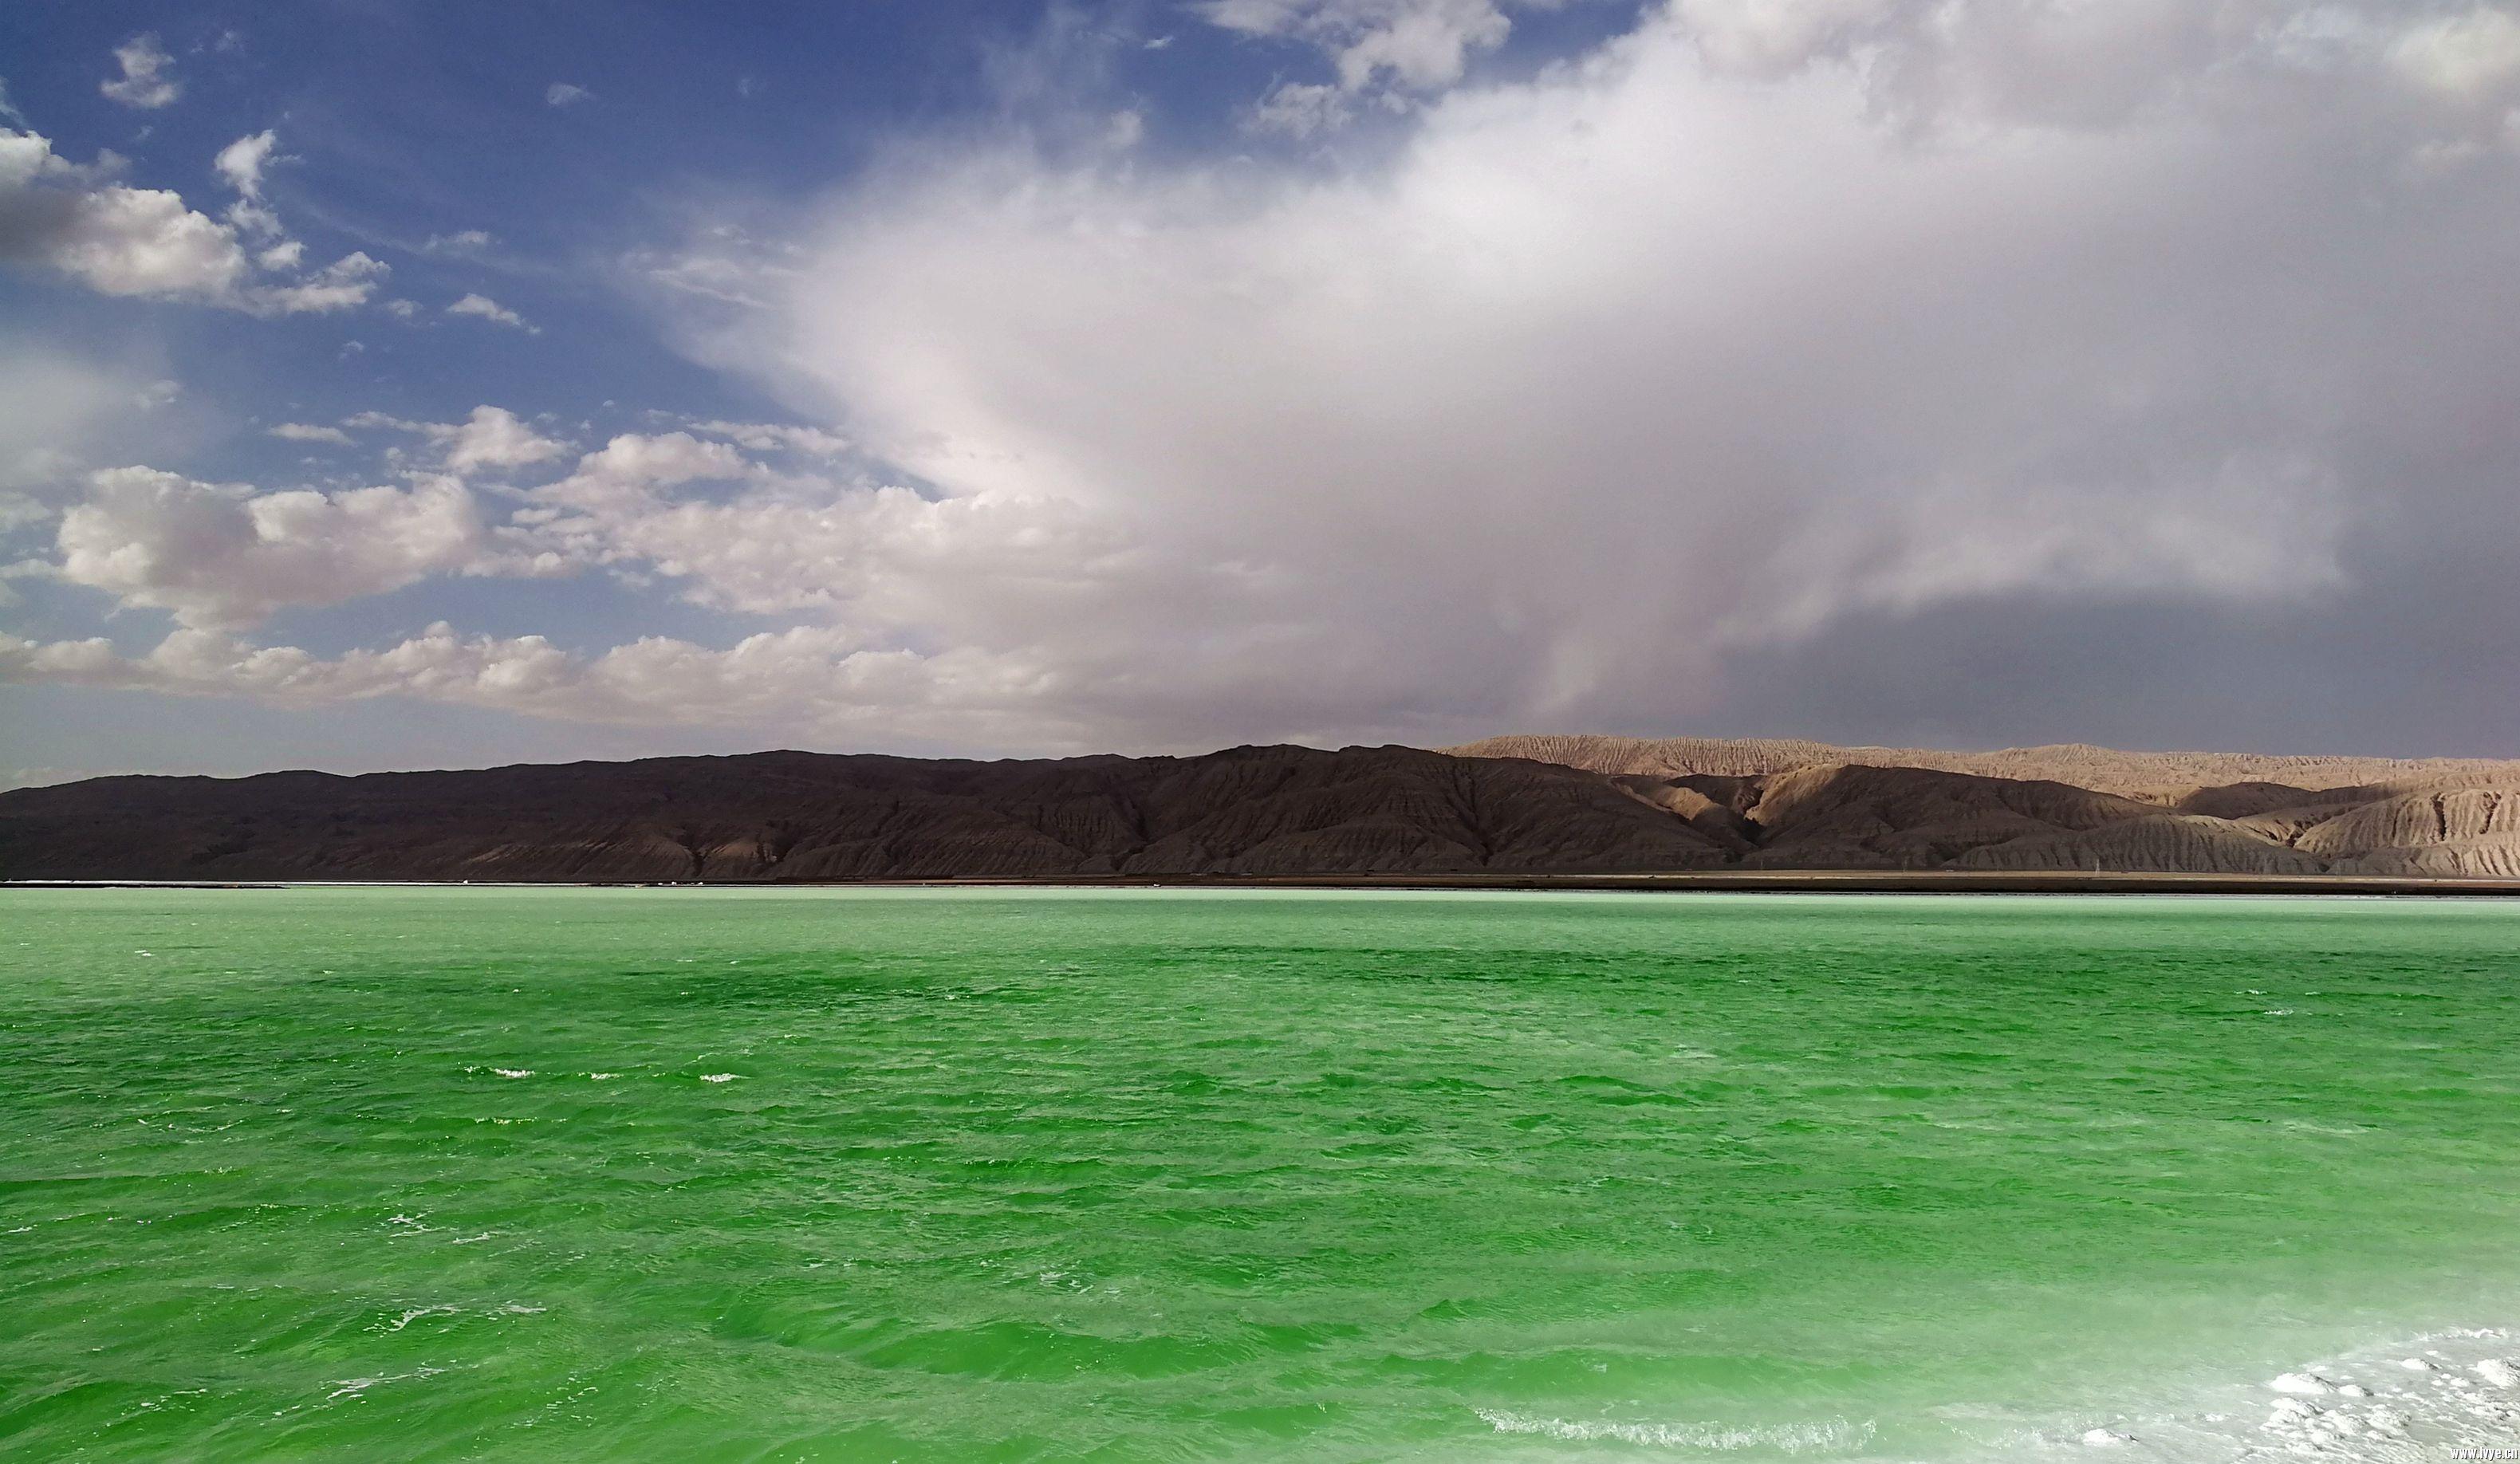 翡翠湖 (1).jpg